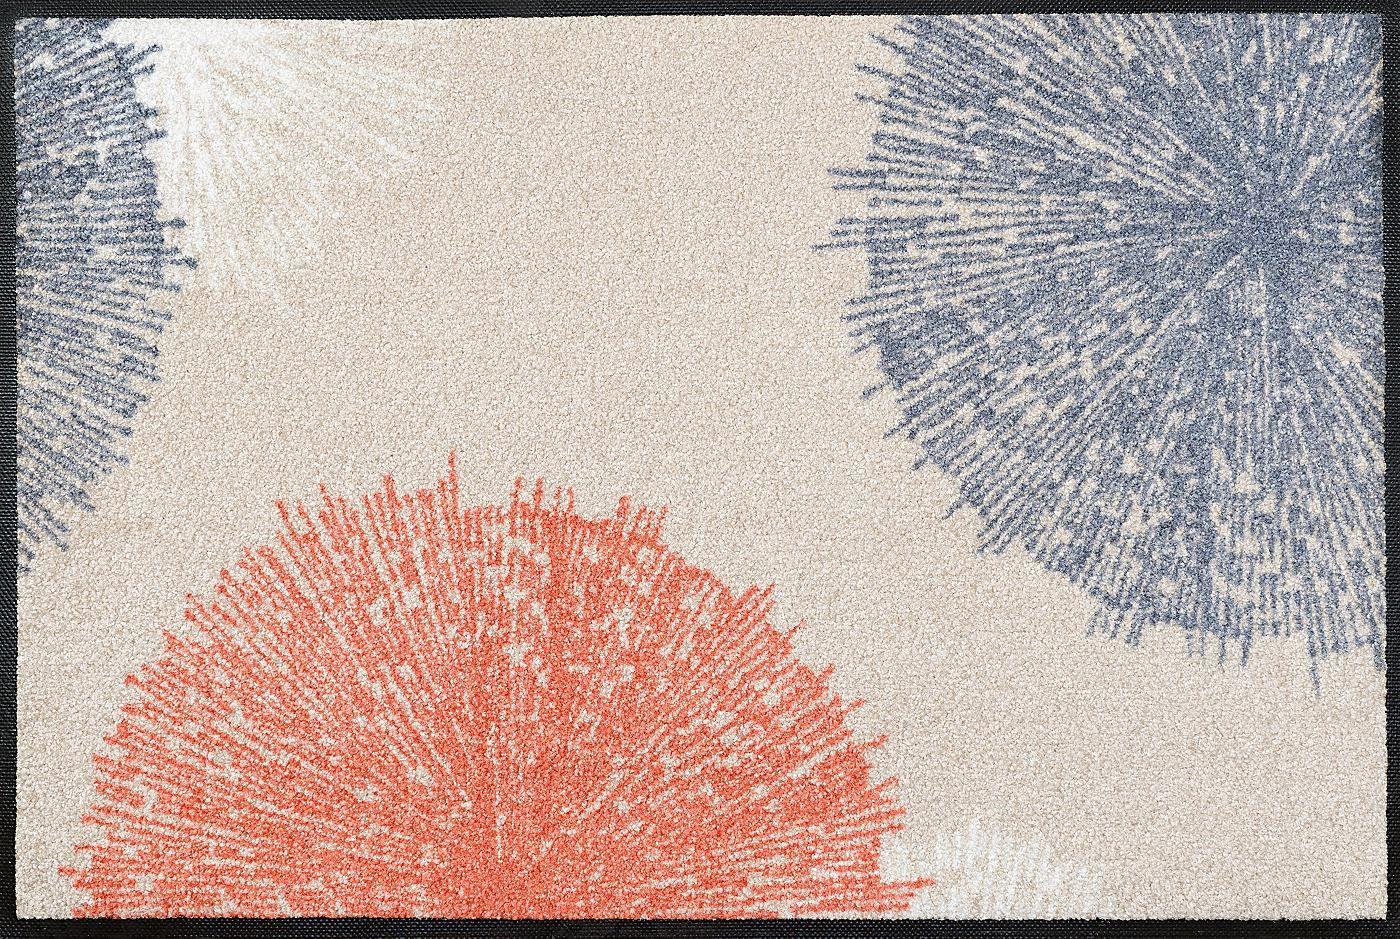 Fussmatte Wash Dry By Kleen Tex Firework Beige Rutschhemmend Beschichtet Online Kaufen Otto Fussmatte Beige Wissenswertes